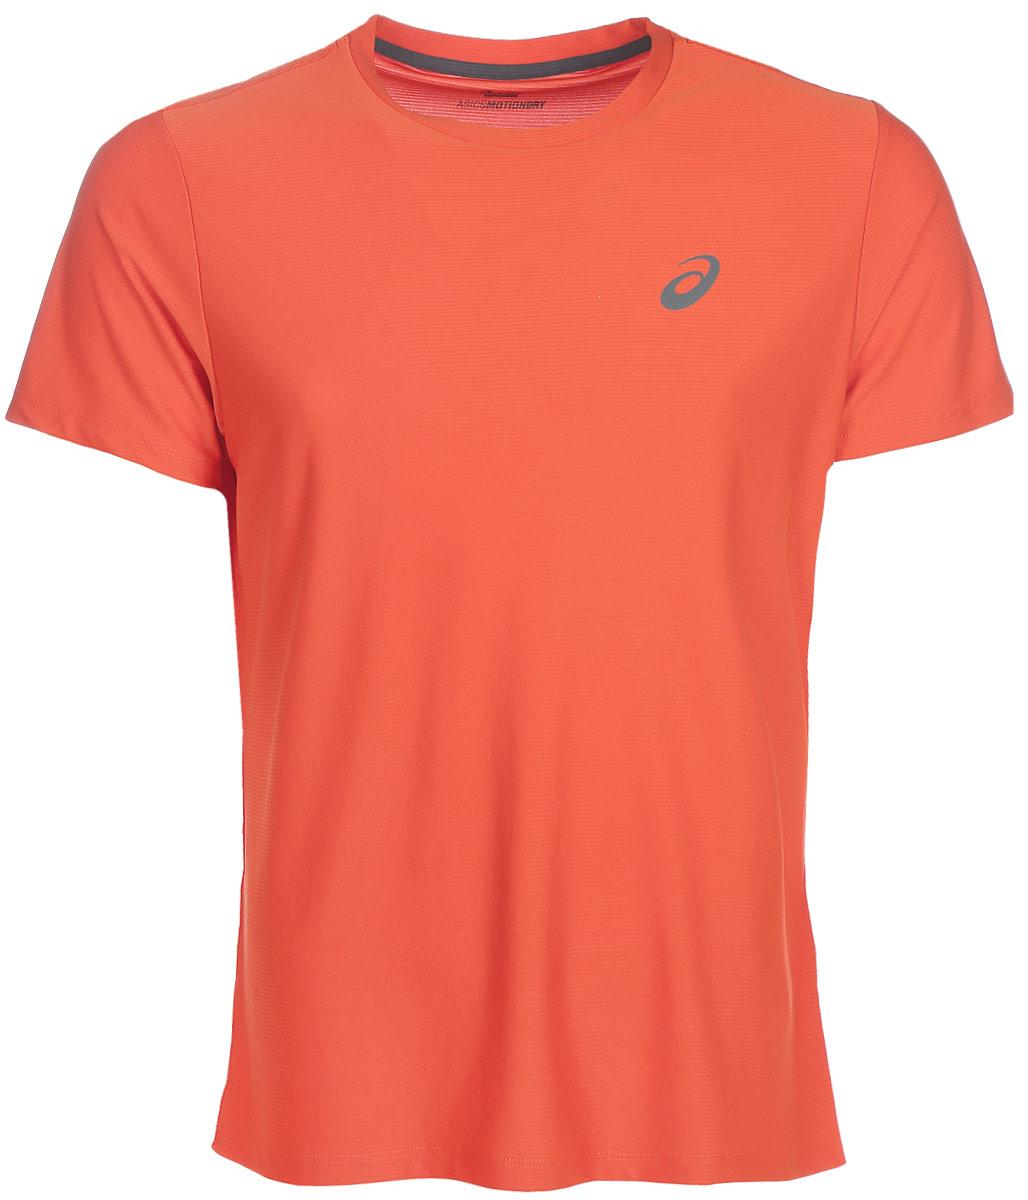 Футболка для бега мужская Asics SS Top, цвет: коричневый. 134084-0516. Размер M (48/50)134084-0516Футболка Asics предназначена специально для бега. Эта легкая беговая футболка обеспечит вам безупречный комфорт и достижение высоких спортивных результатов благодаря мягкой, эластичной ткани, которая отводит влагу и поддерживает тело сухим. Плоские швы не натирают кожу и обеспечивают полный комфорт. Фасон рукавов-реглан элегантен и создает свободу движений. Футболка декорирована логотипом. Максимальный комфорт и уникальный спортивный образ!